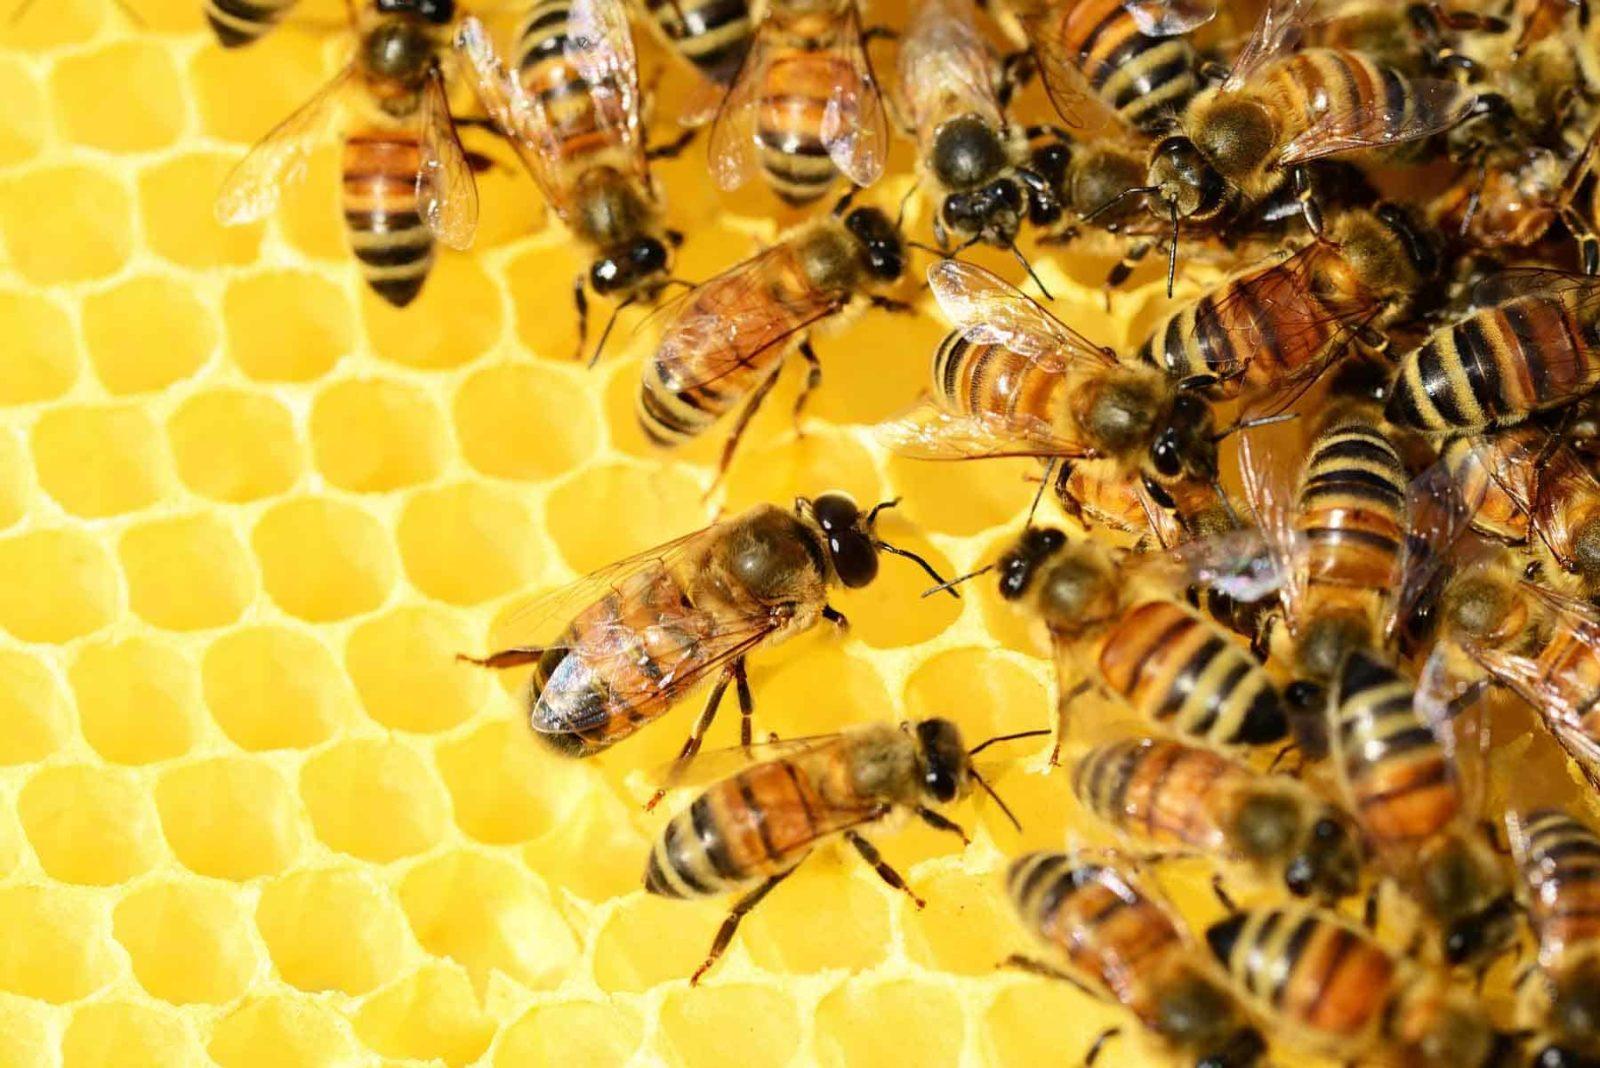 Honig-der goldene Saft der Bienen- Titelbild-Bellswelt